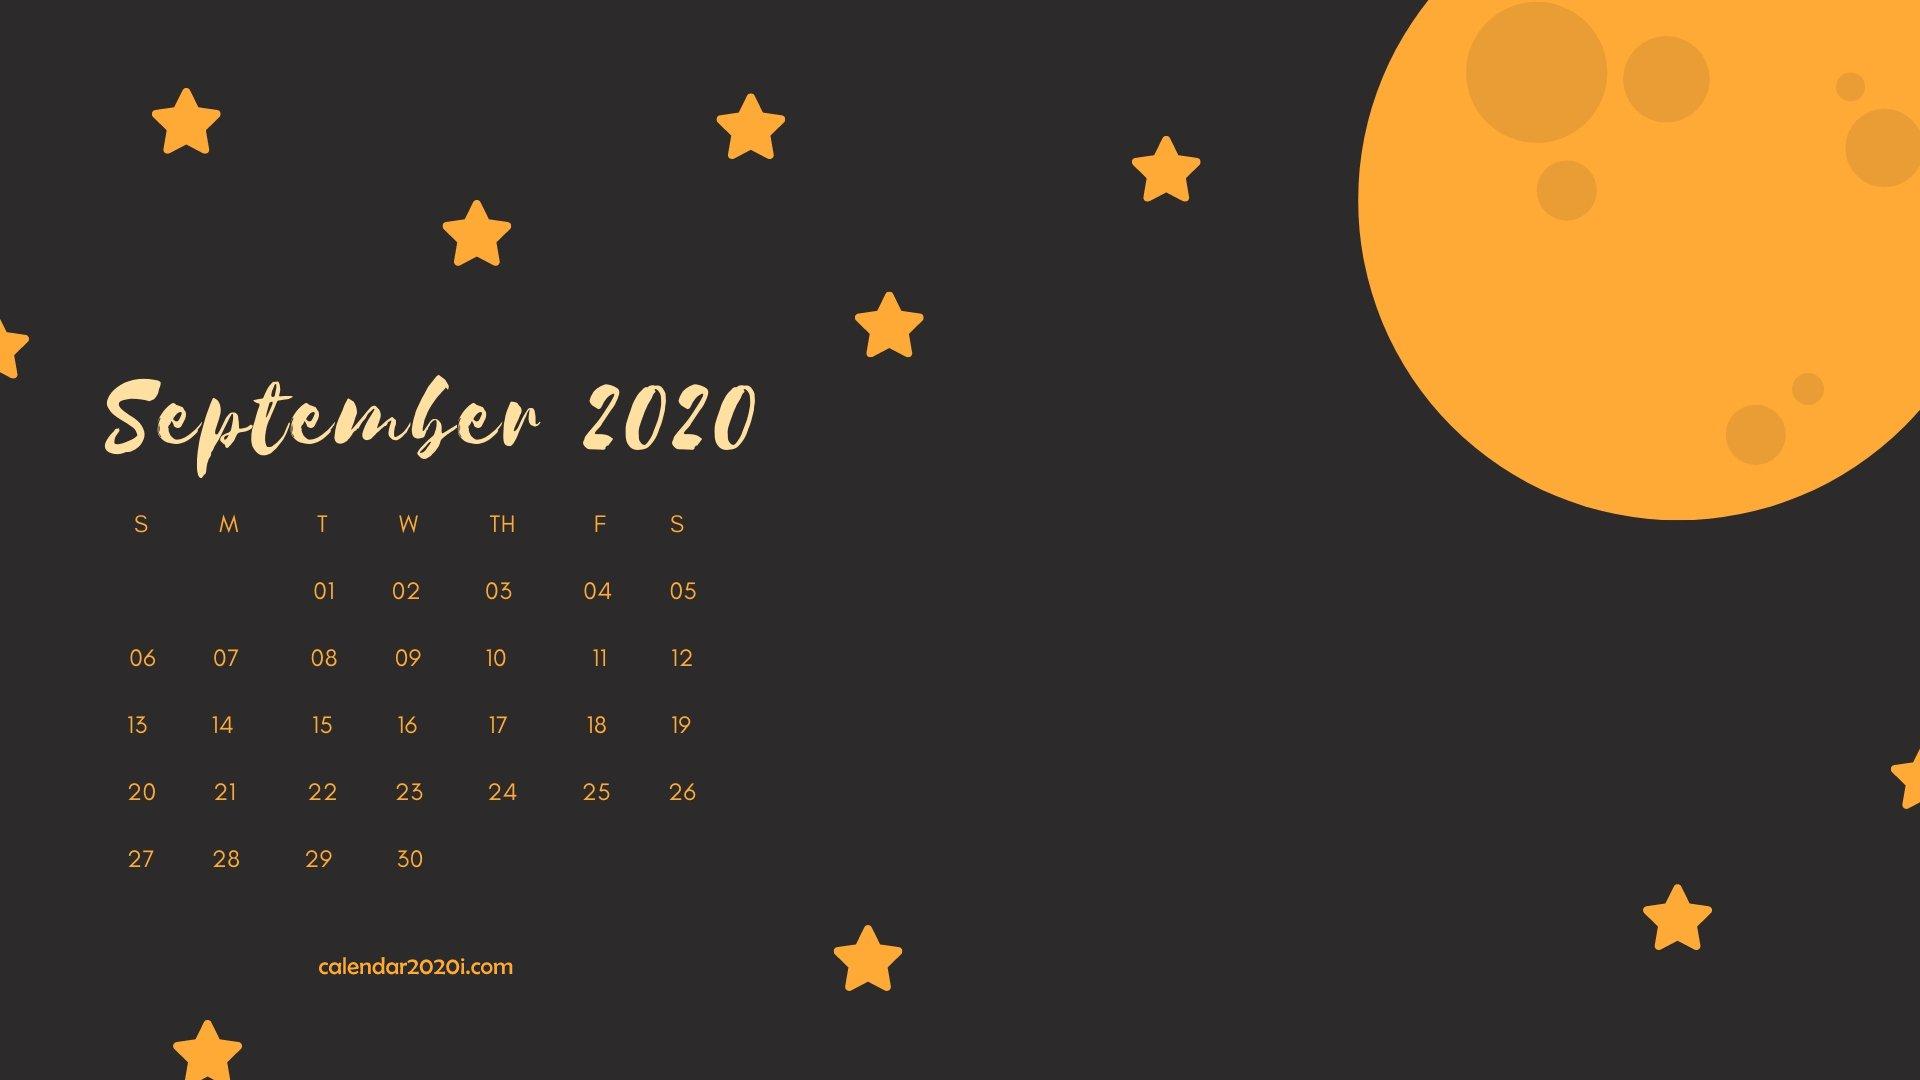 September 2020 Calendar Desktop Wallpaper